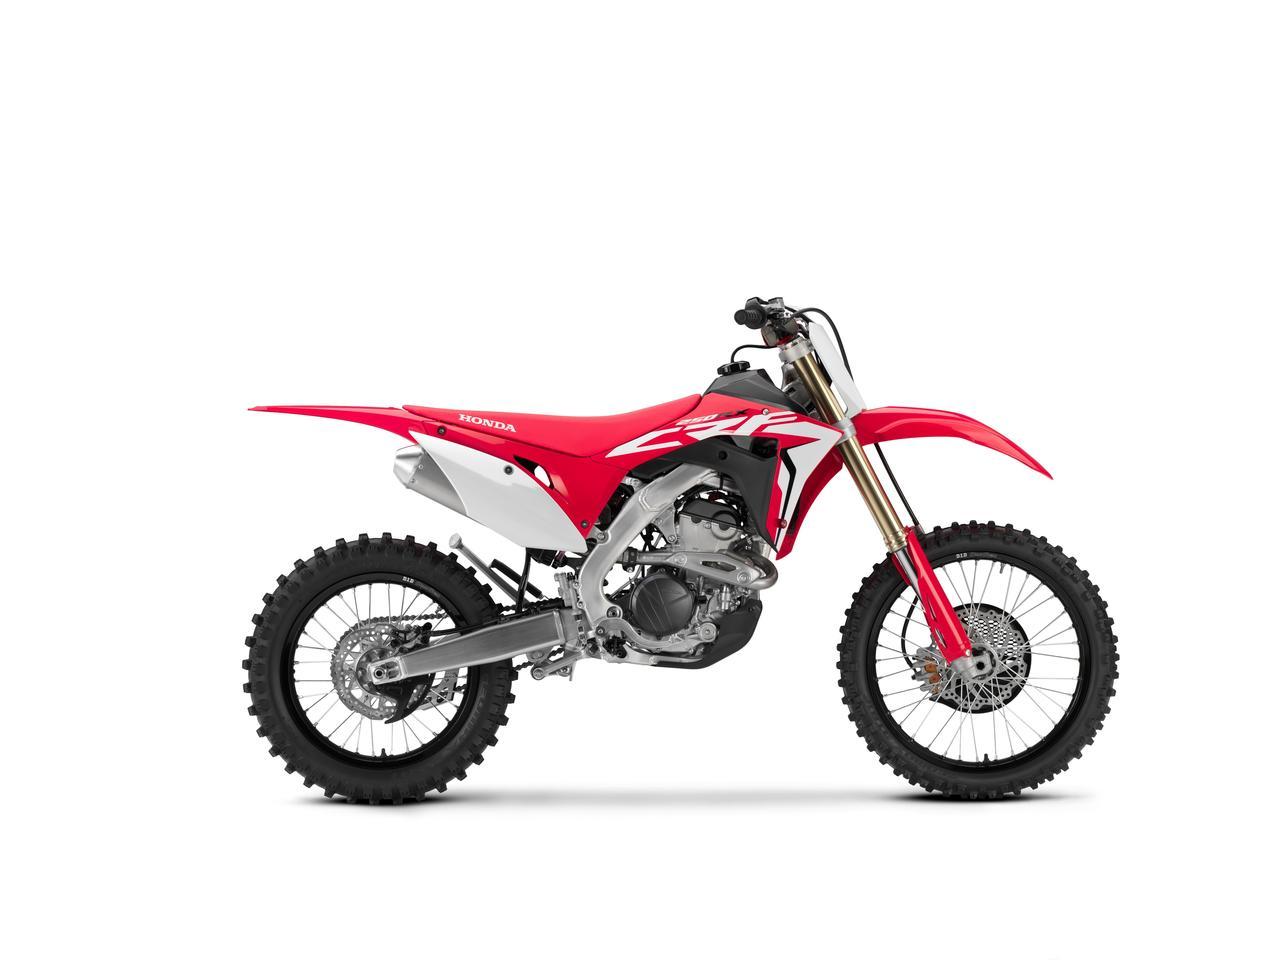 画像1: CRF250/450/R/RXが国内発表、そのお値段は…